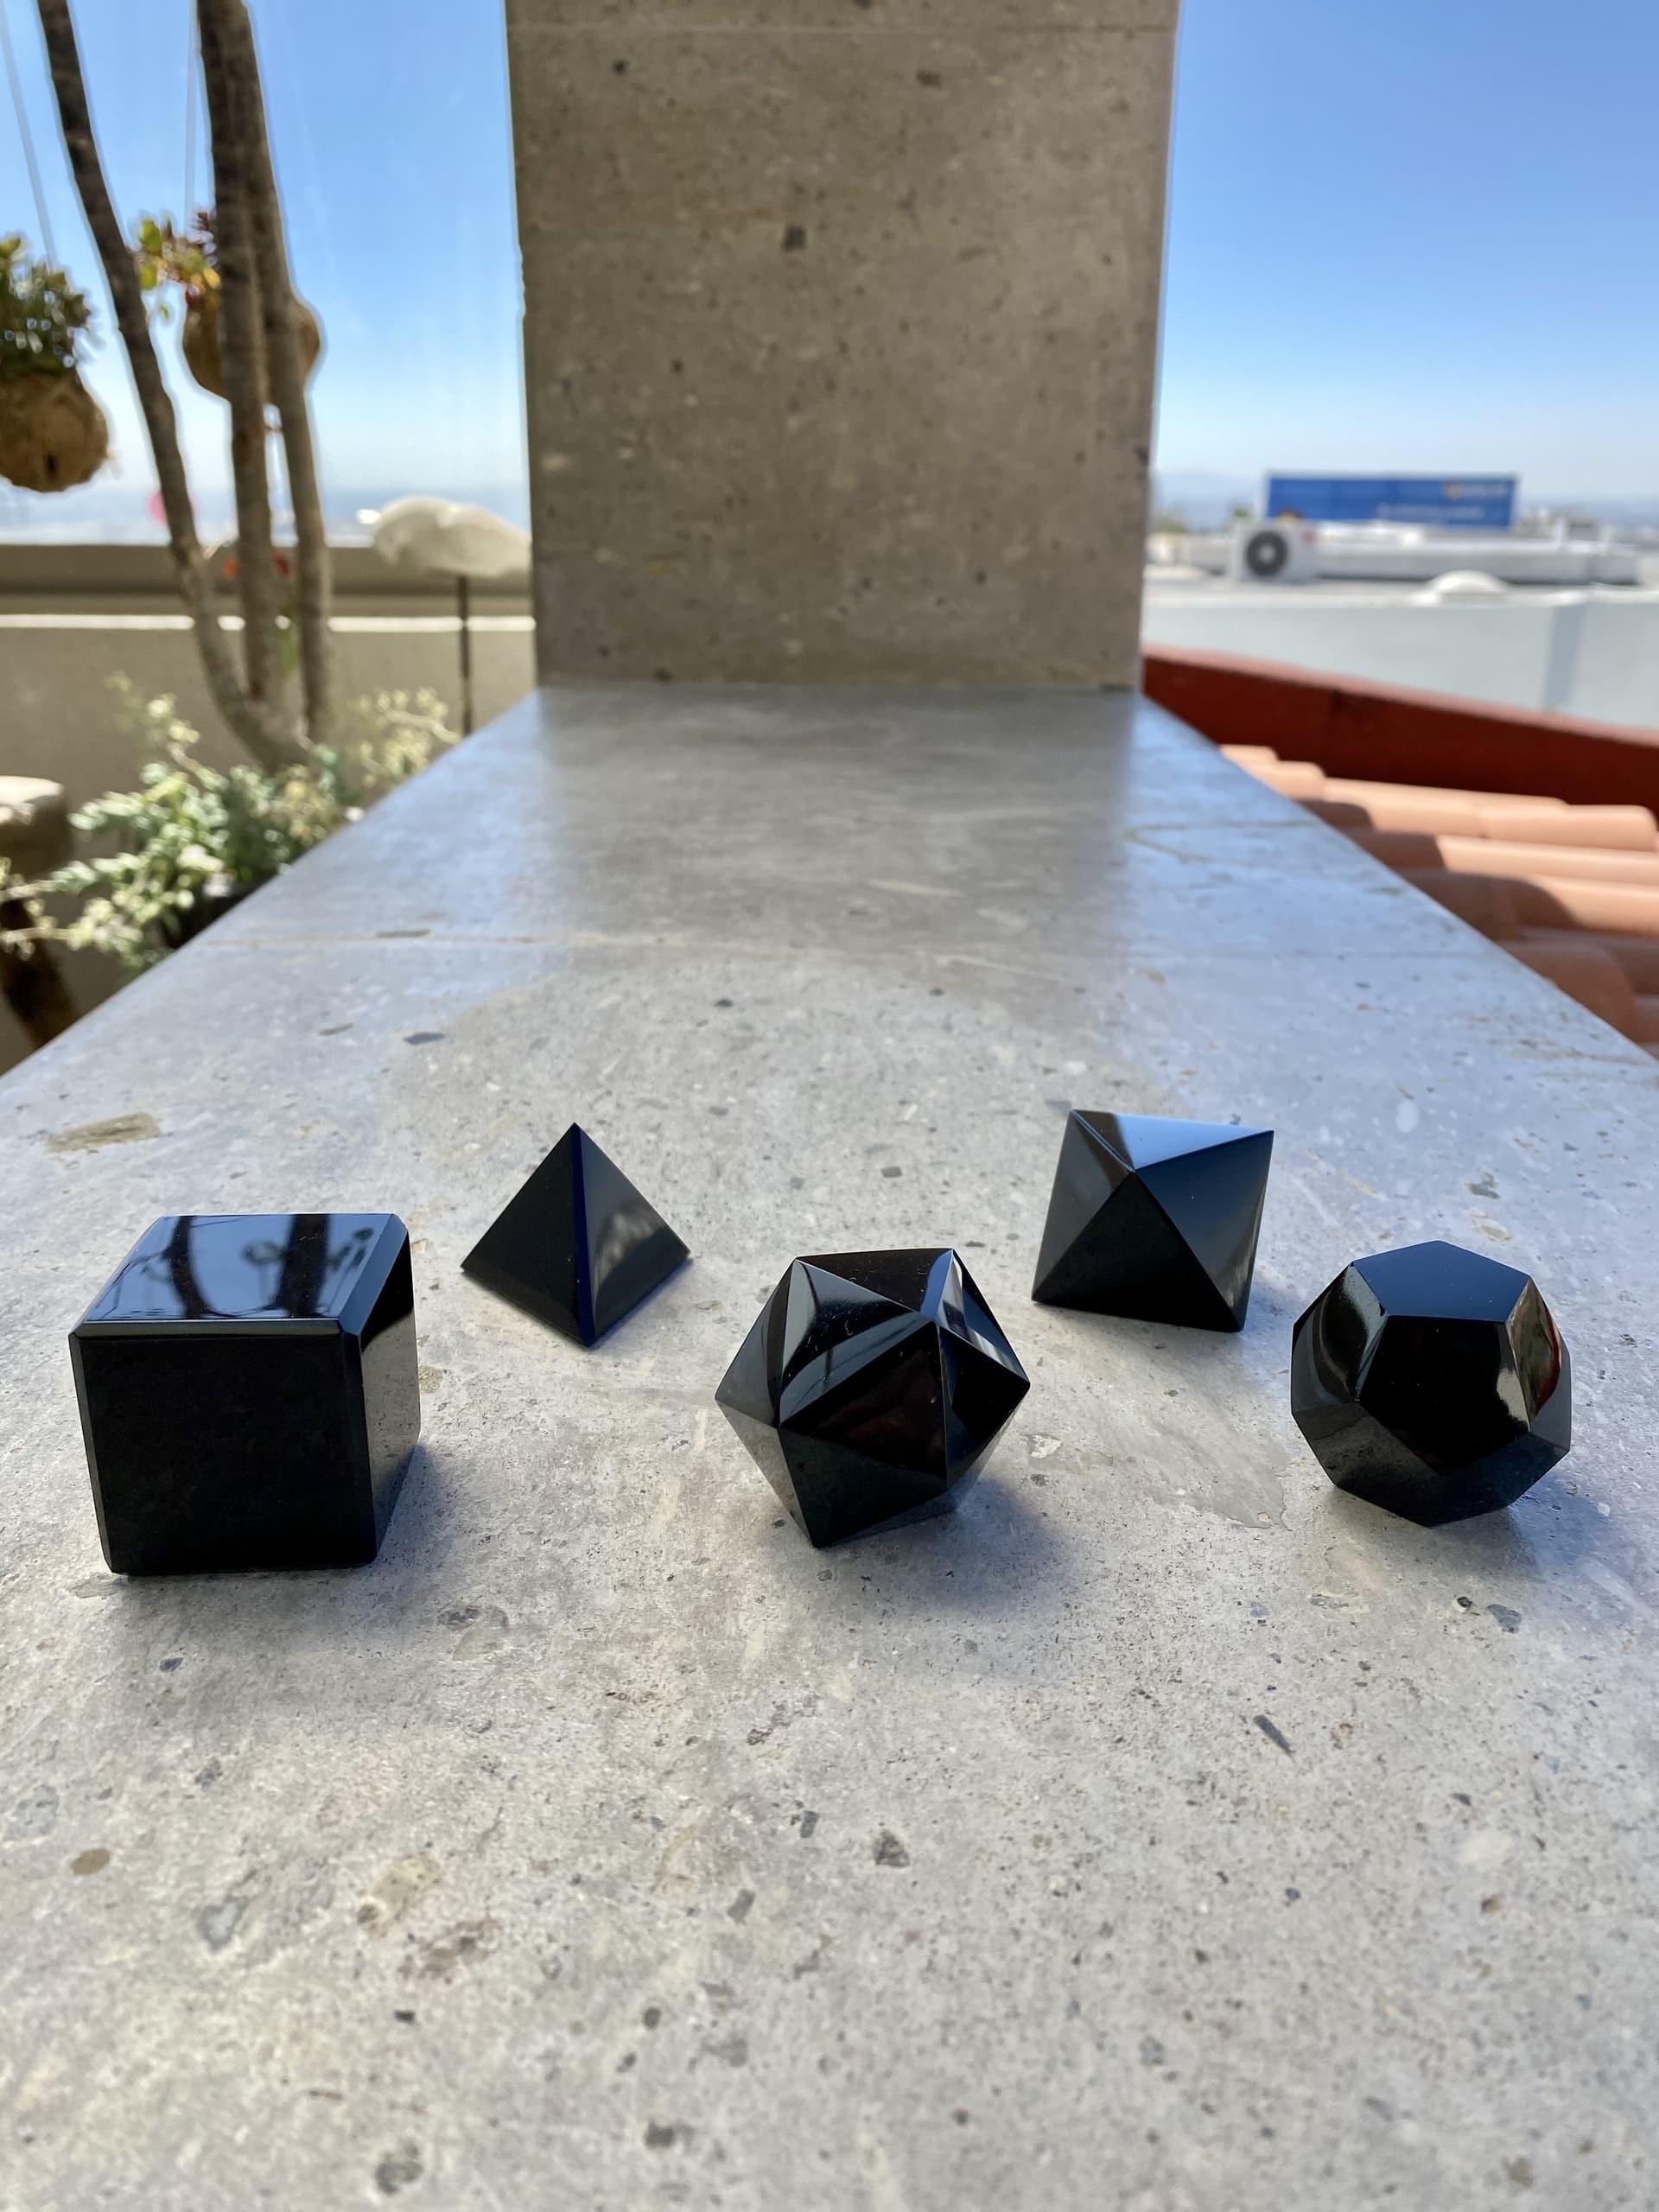 solidos-platonicos-obsidiana-artesanales-Osaya-COA30